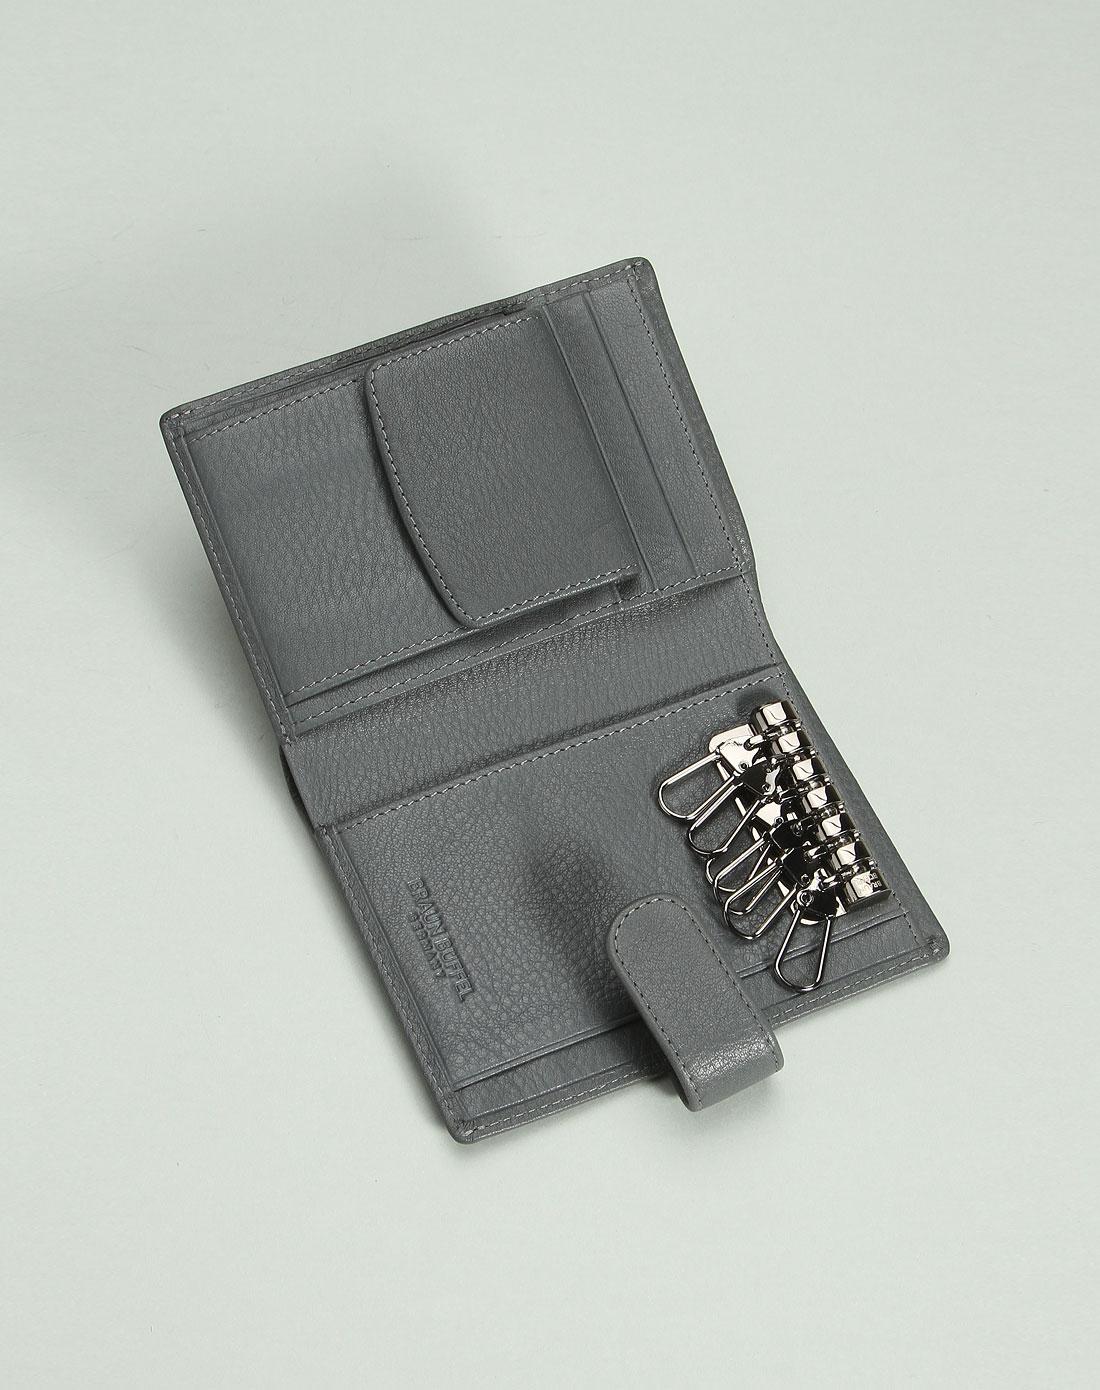 男款型格时尚魅力短款牛皮钱包灰色